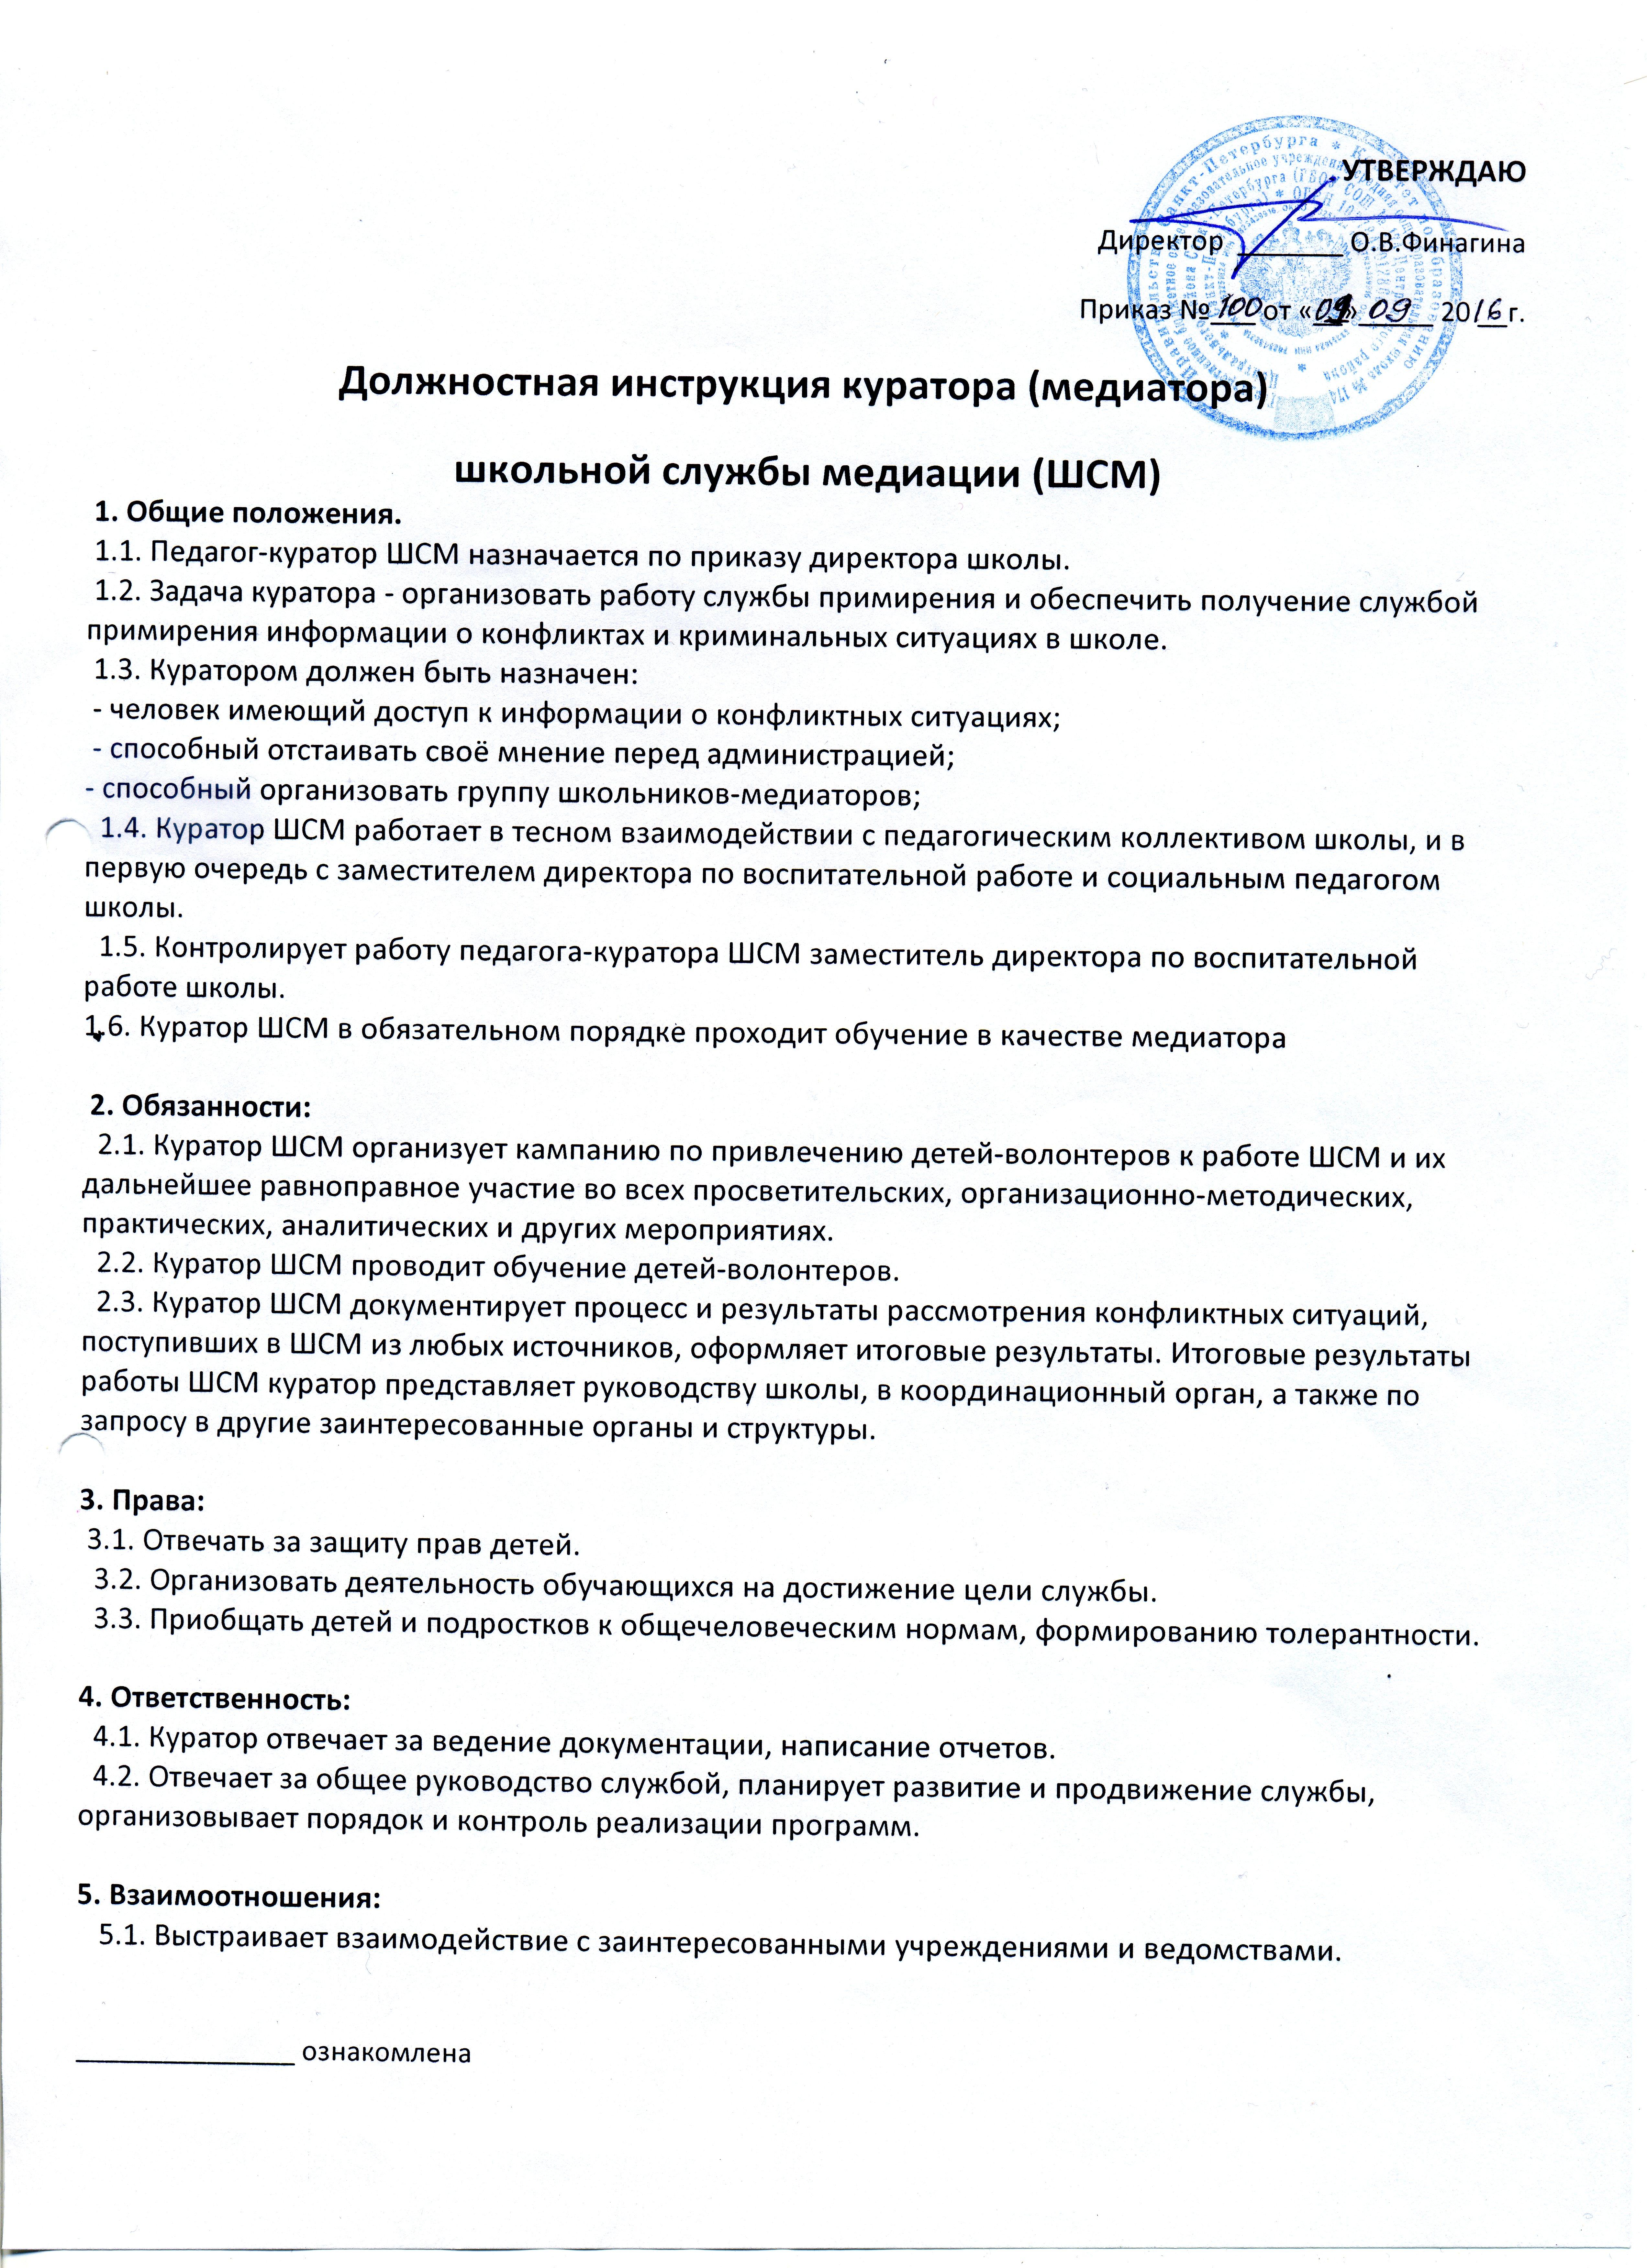 Должностная инструкция куратора учебной группы.